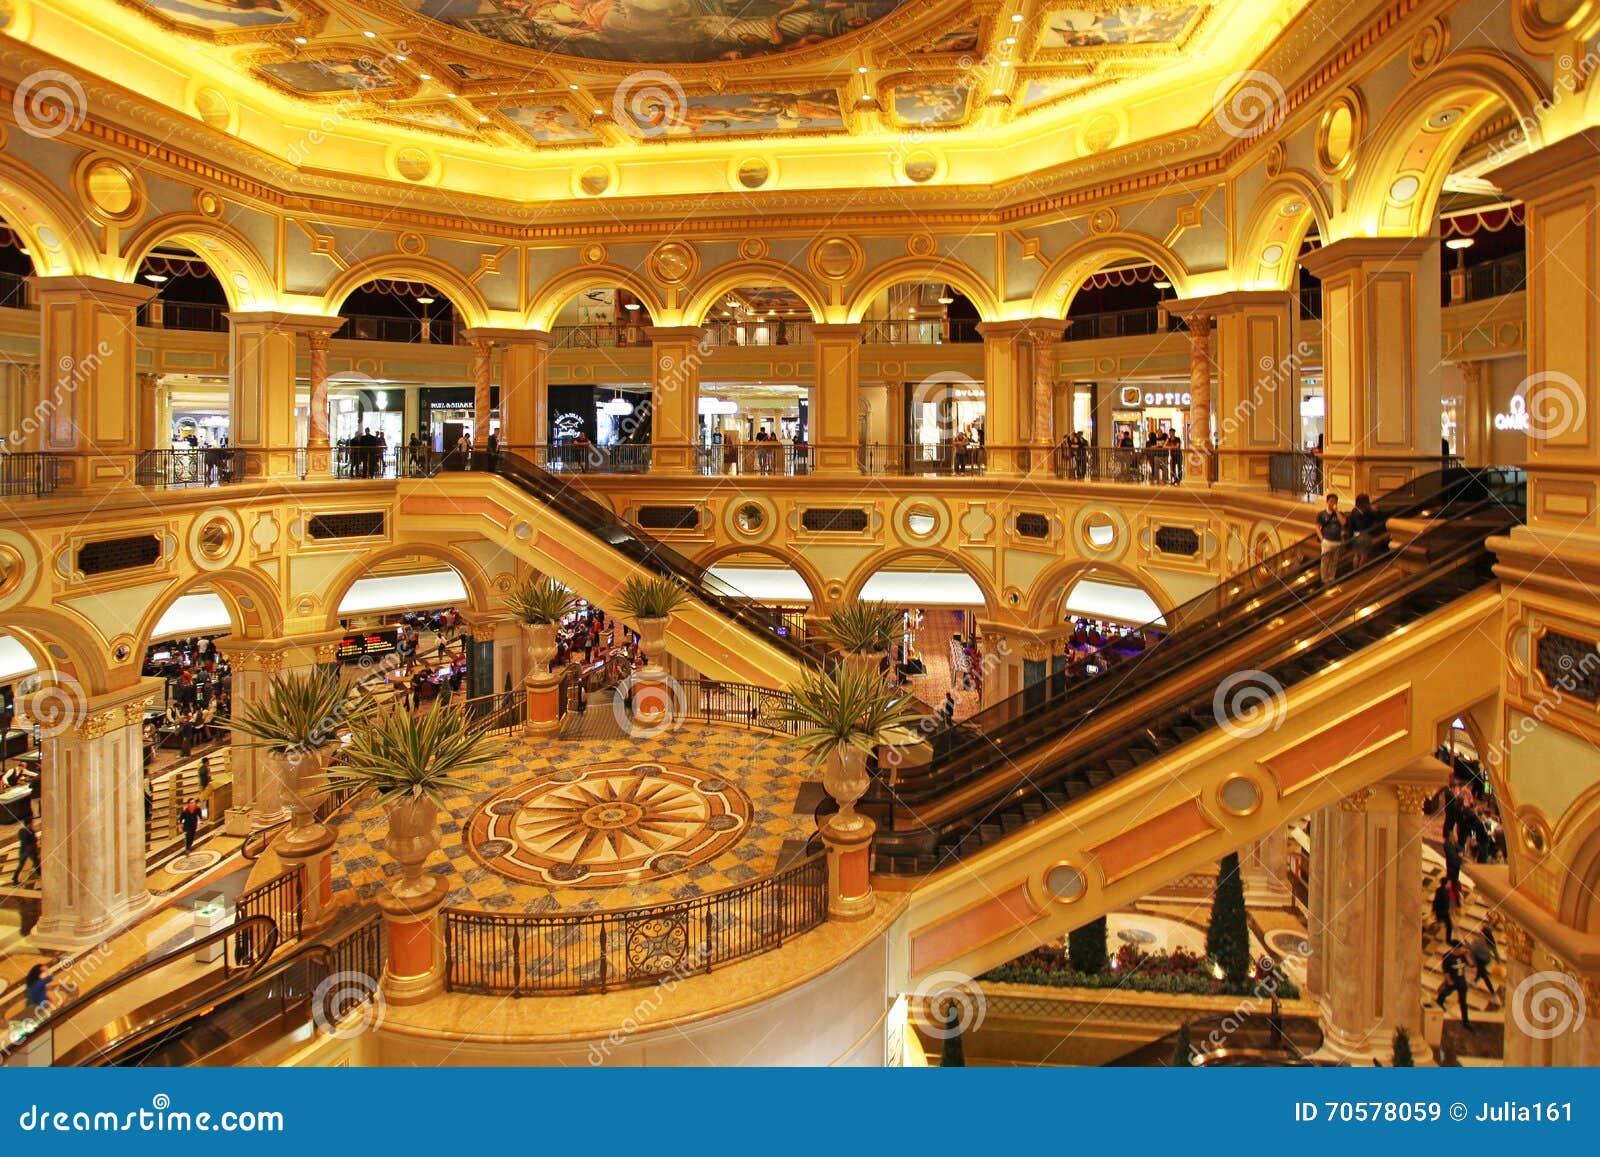 Венецианское казино разрешенные казино онлайн